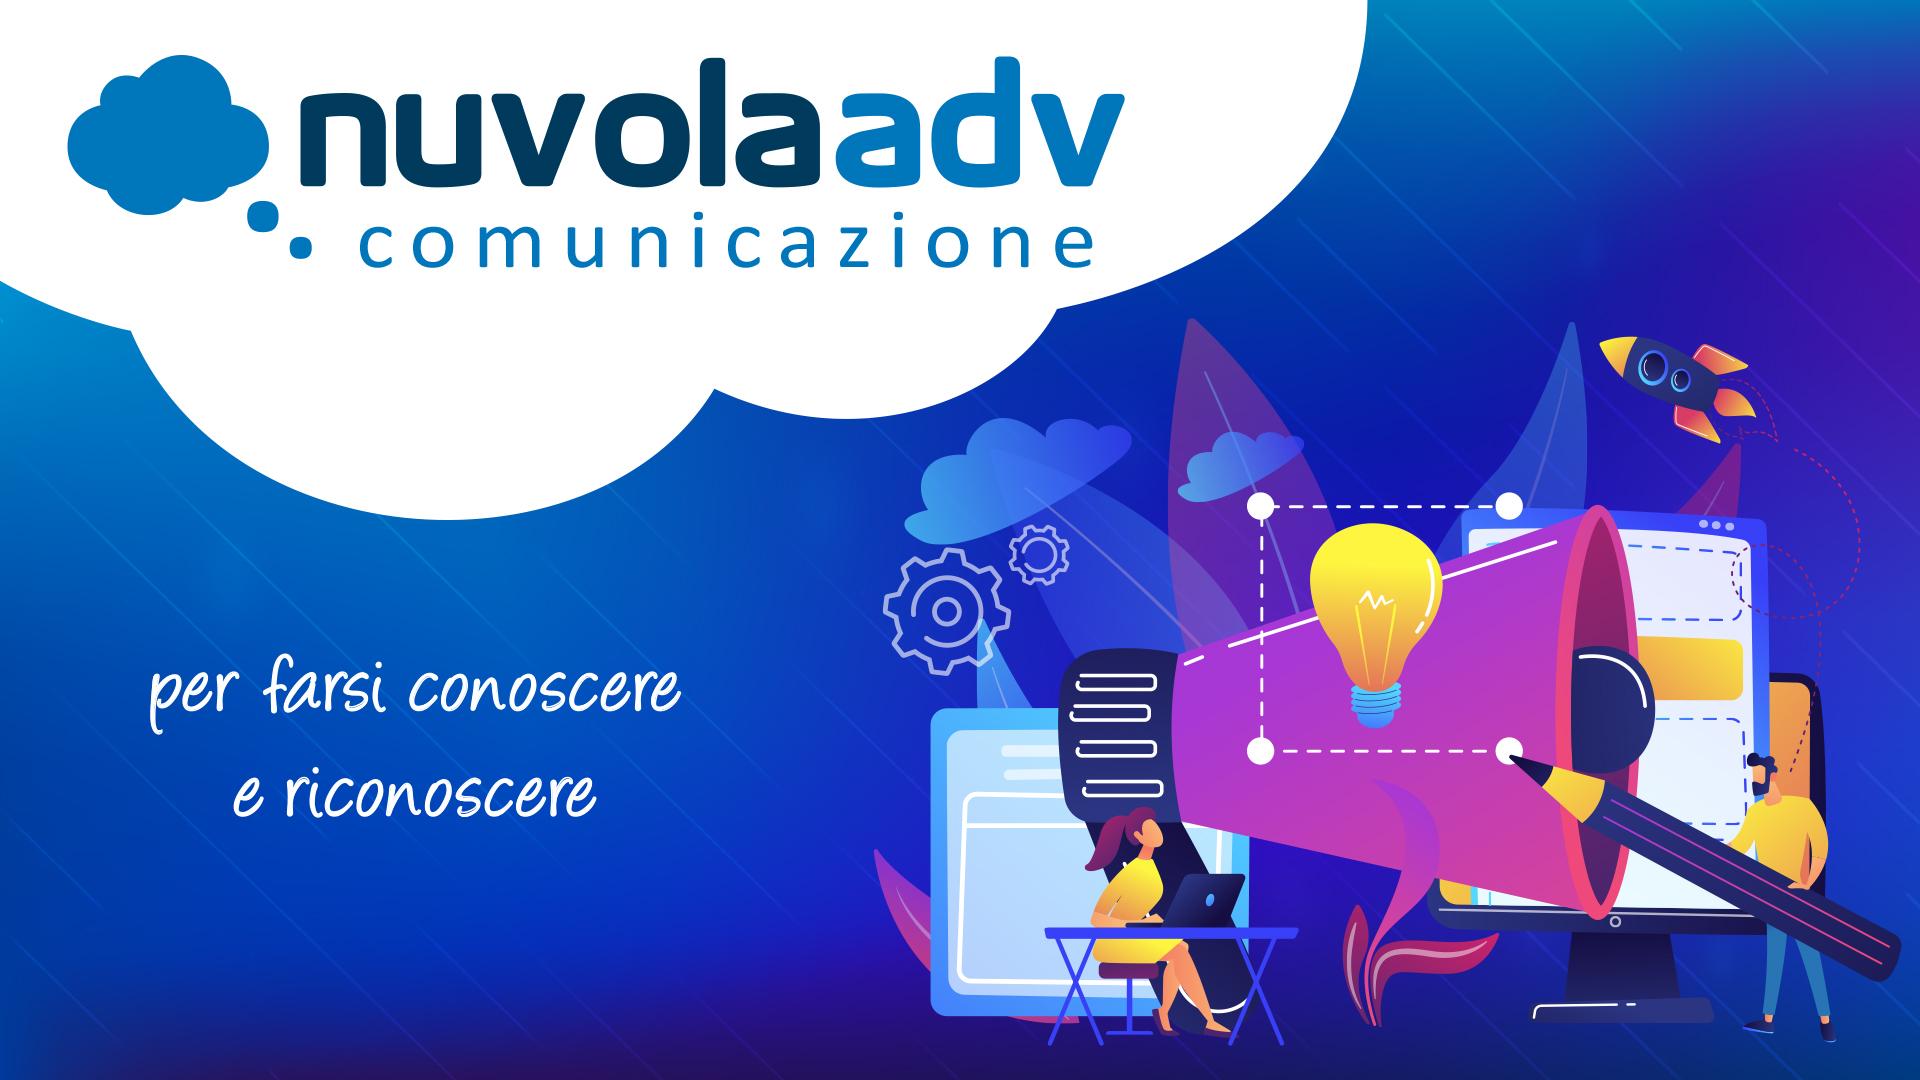 Nuvola Adv Comunicazione